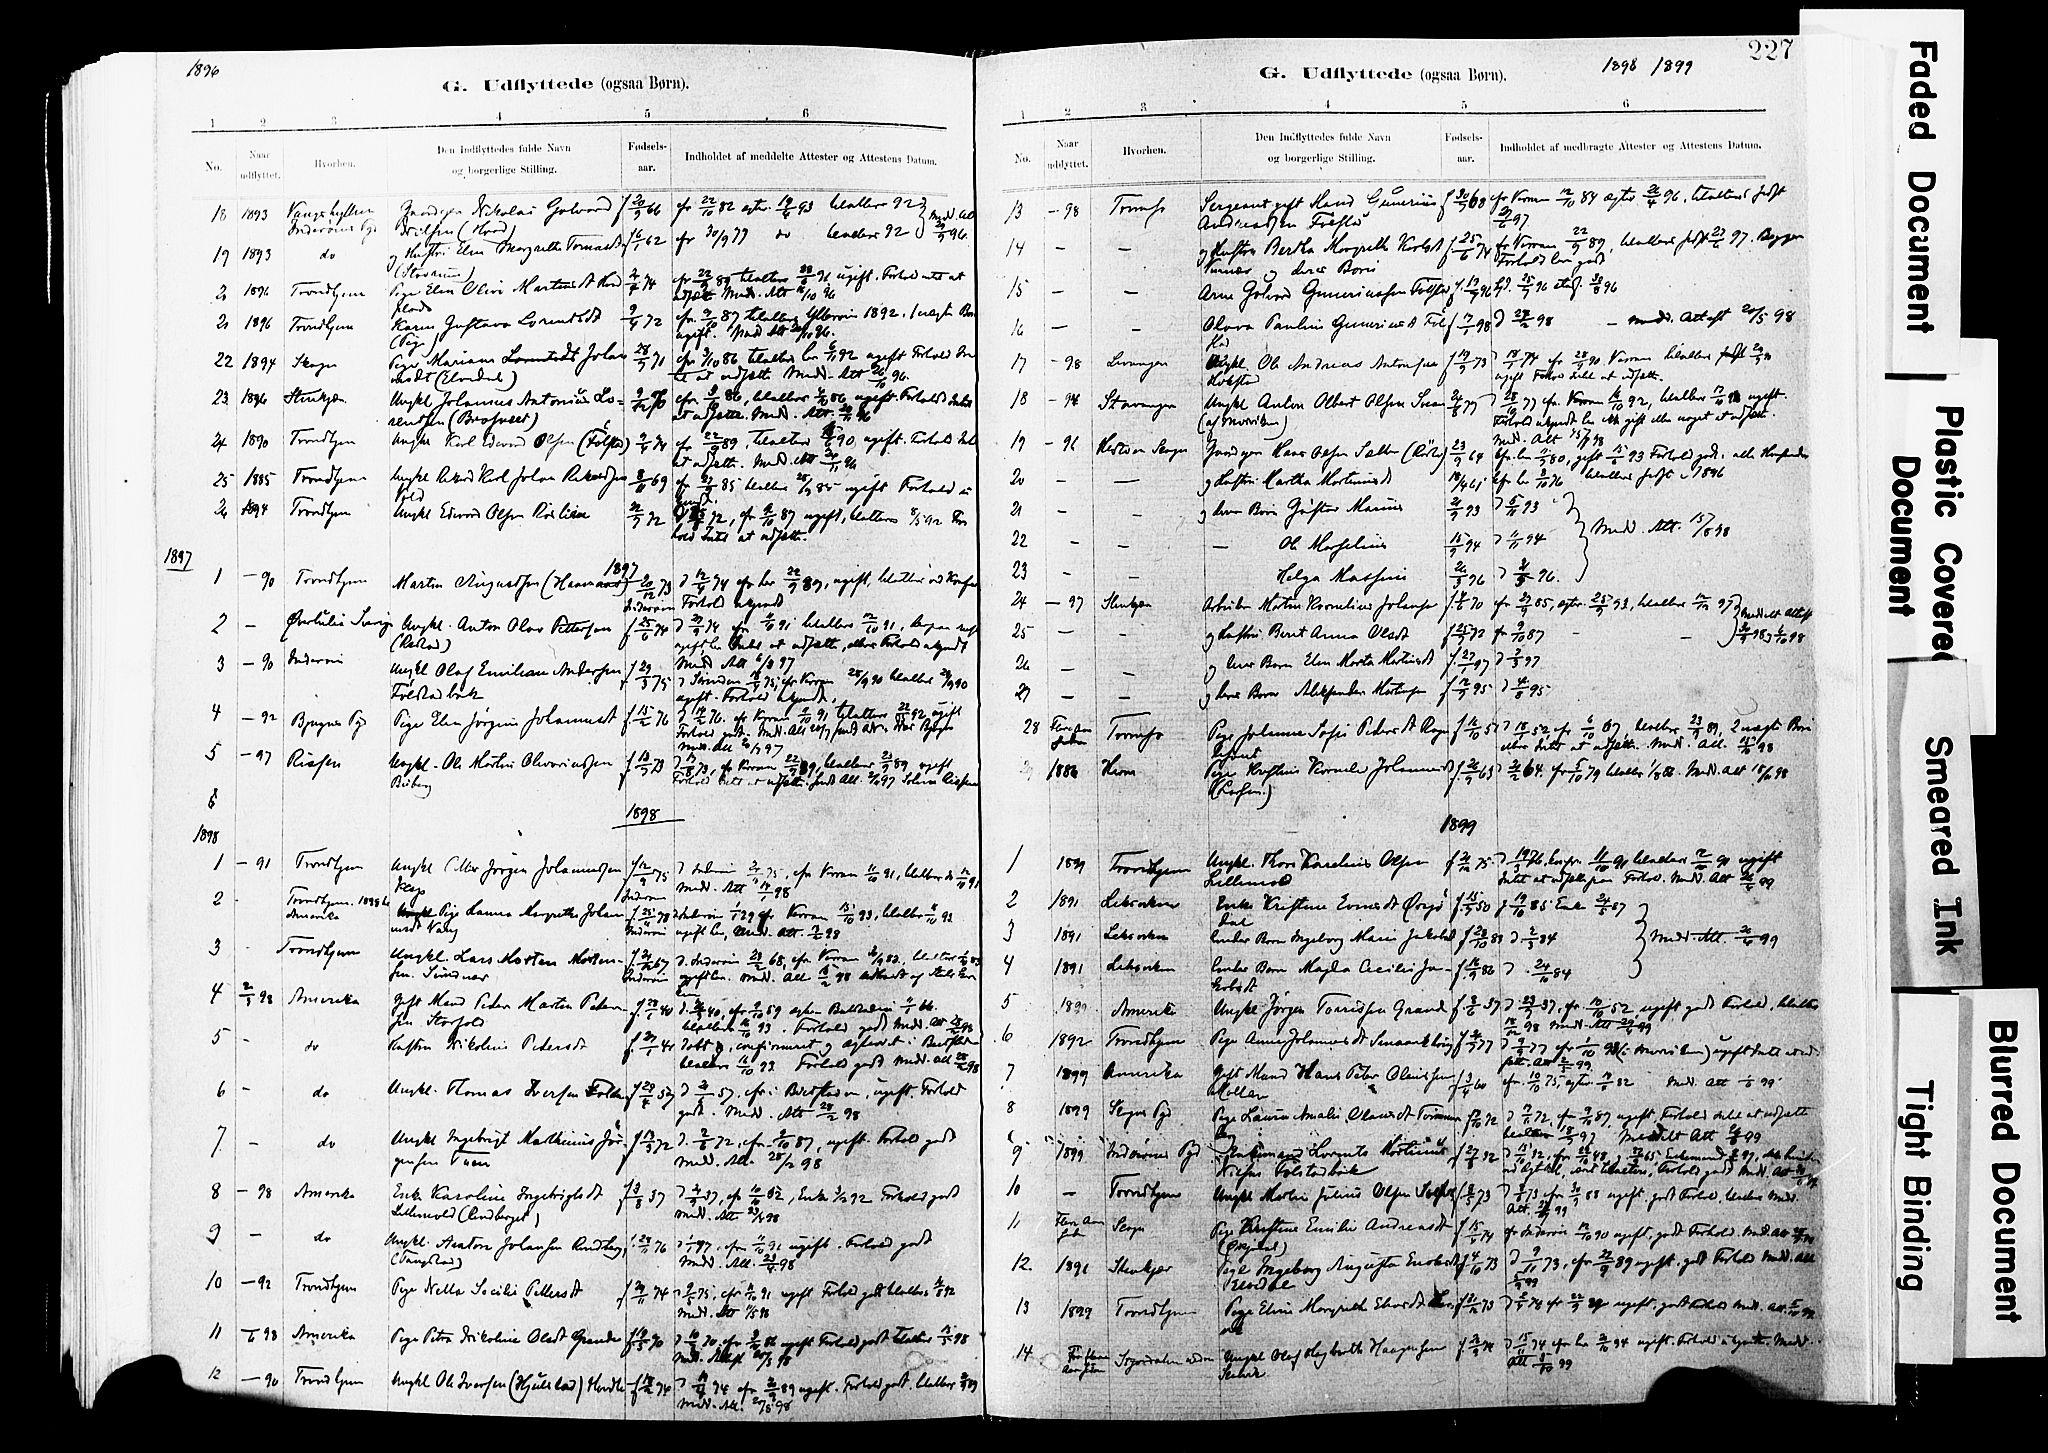 SAT, Ministerialprotokoller, klokkerbøker og fødselsregistre - Nord-Trøndelag, 744/L0420: Ministerialbok nr. 744A04, 1882-1904, s. 227